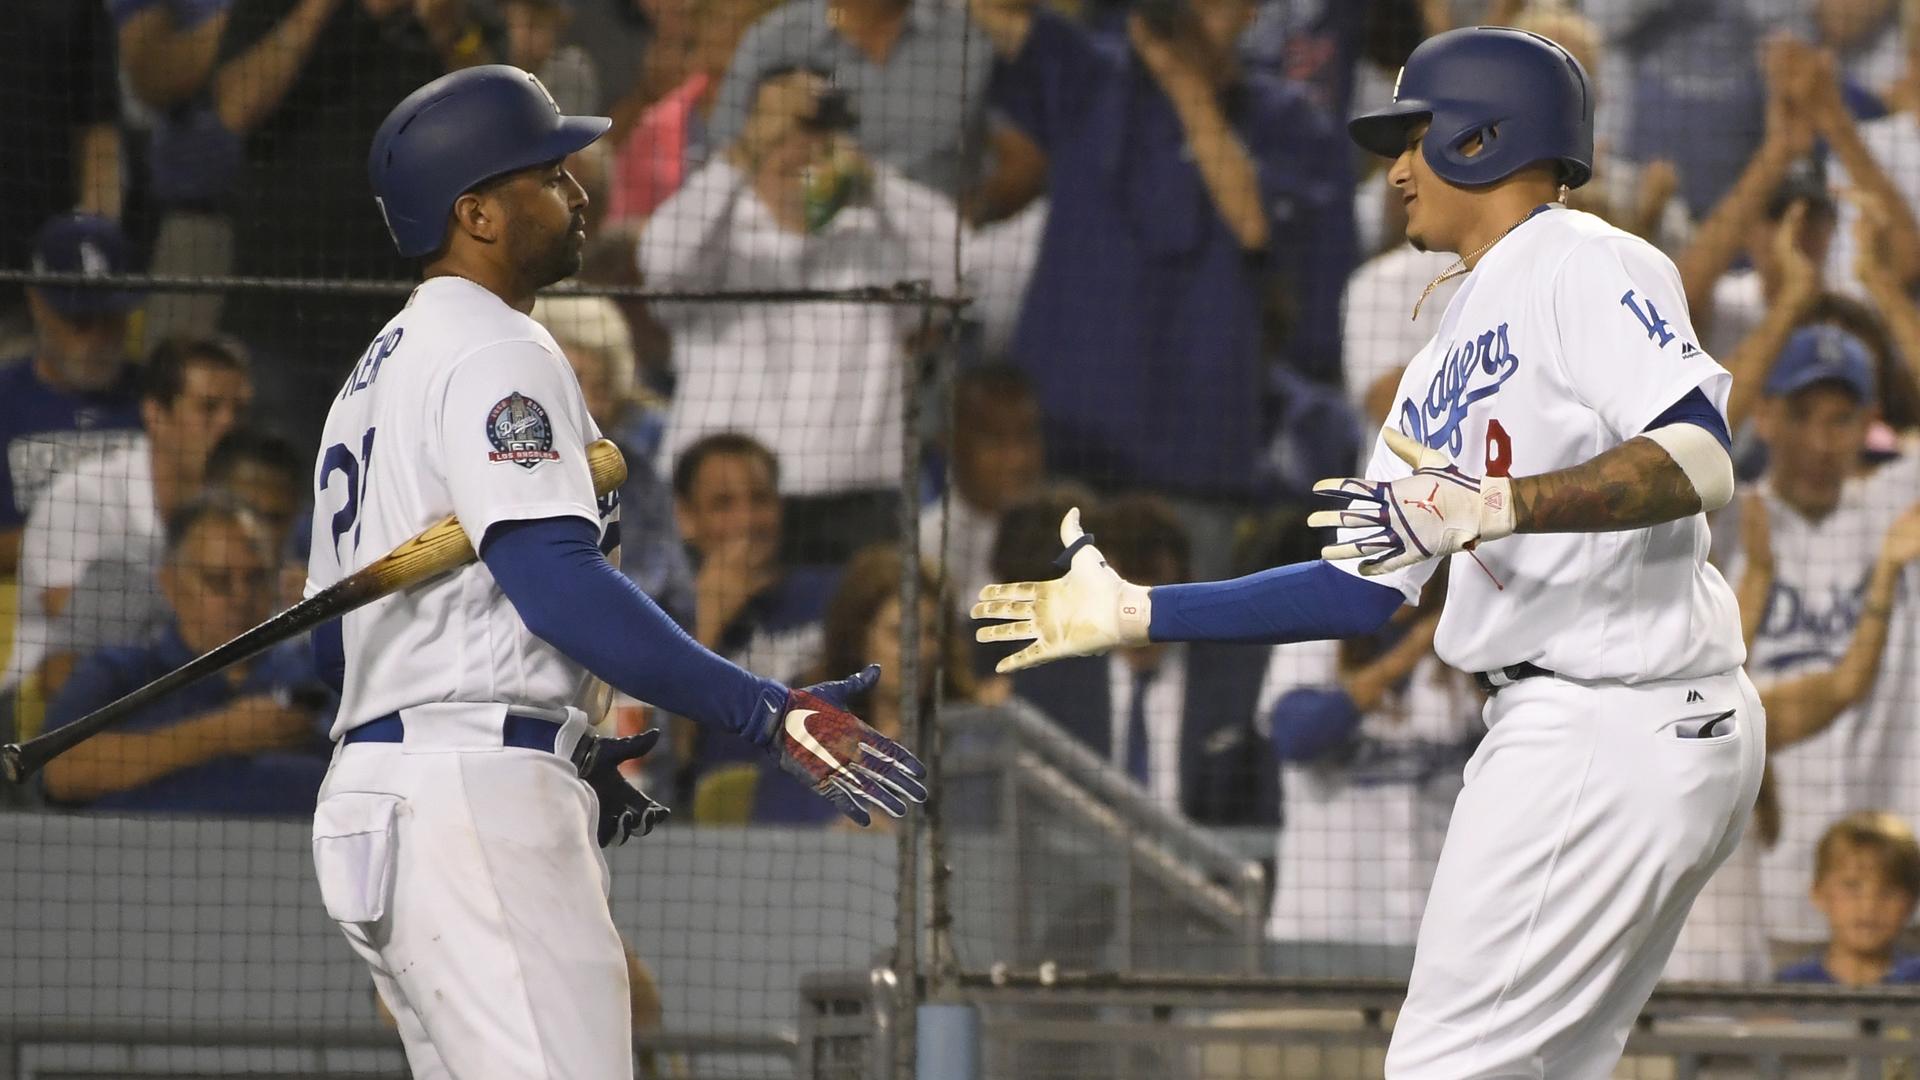 MLB wrap: Matt Kemp puts Dodgers in tie with Diamondbacks for NL West lead